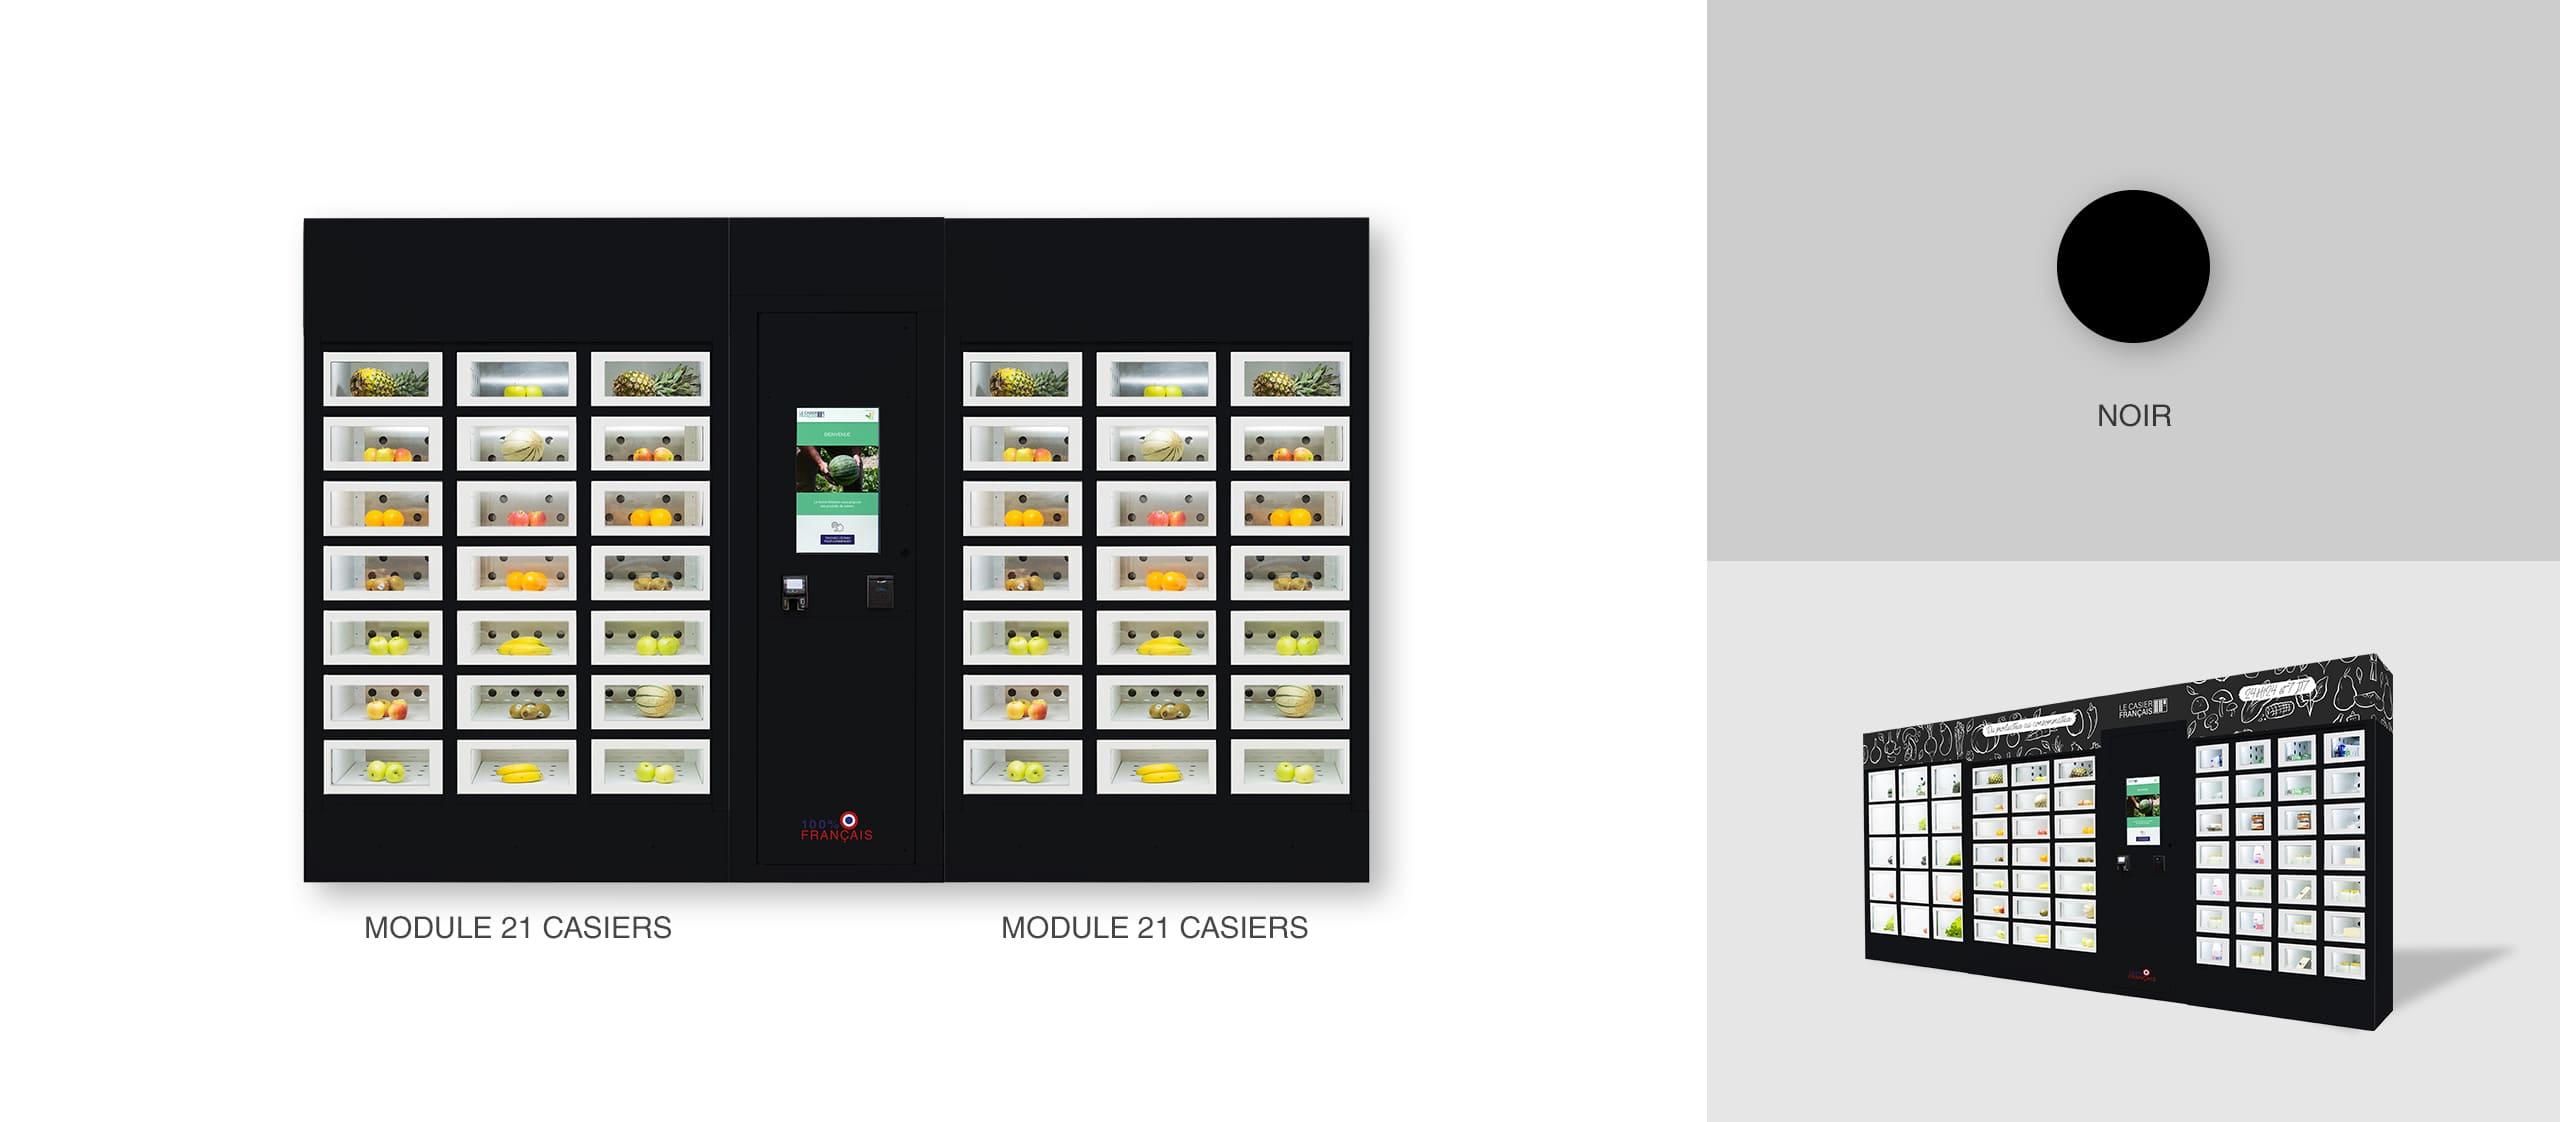 Black casing of a Le Casier Français vending machine